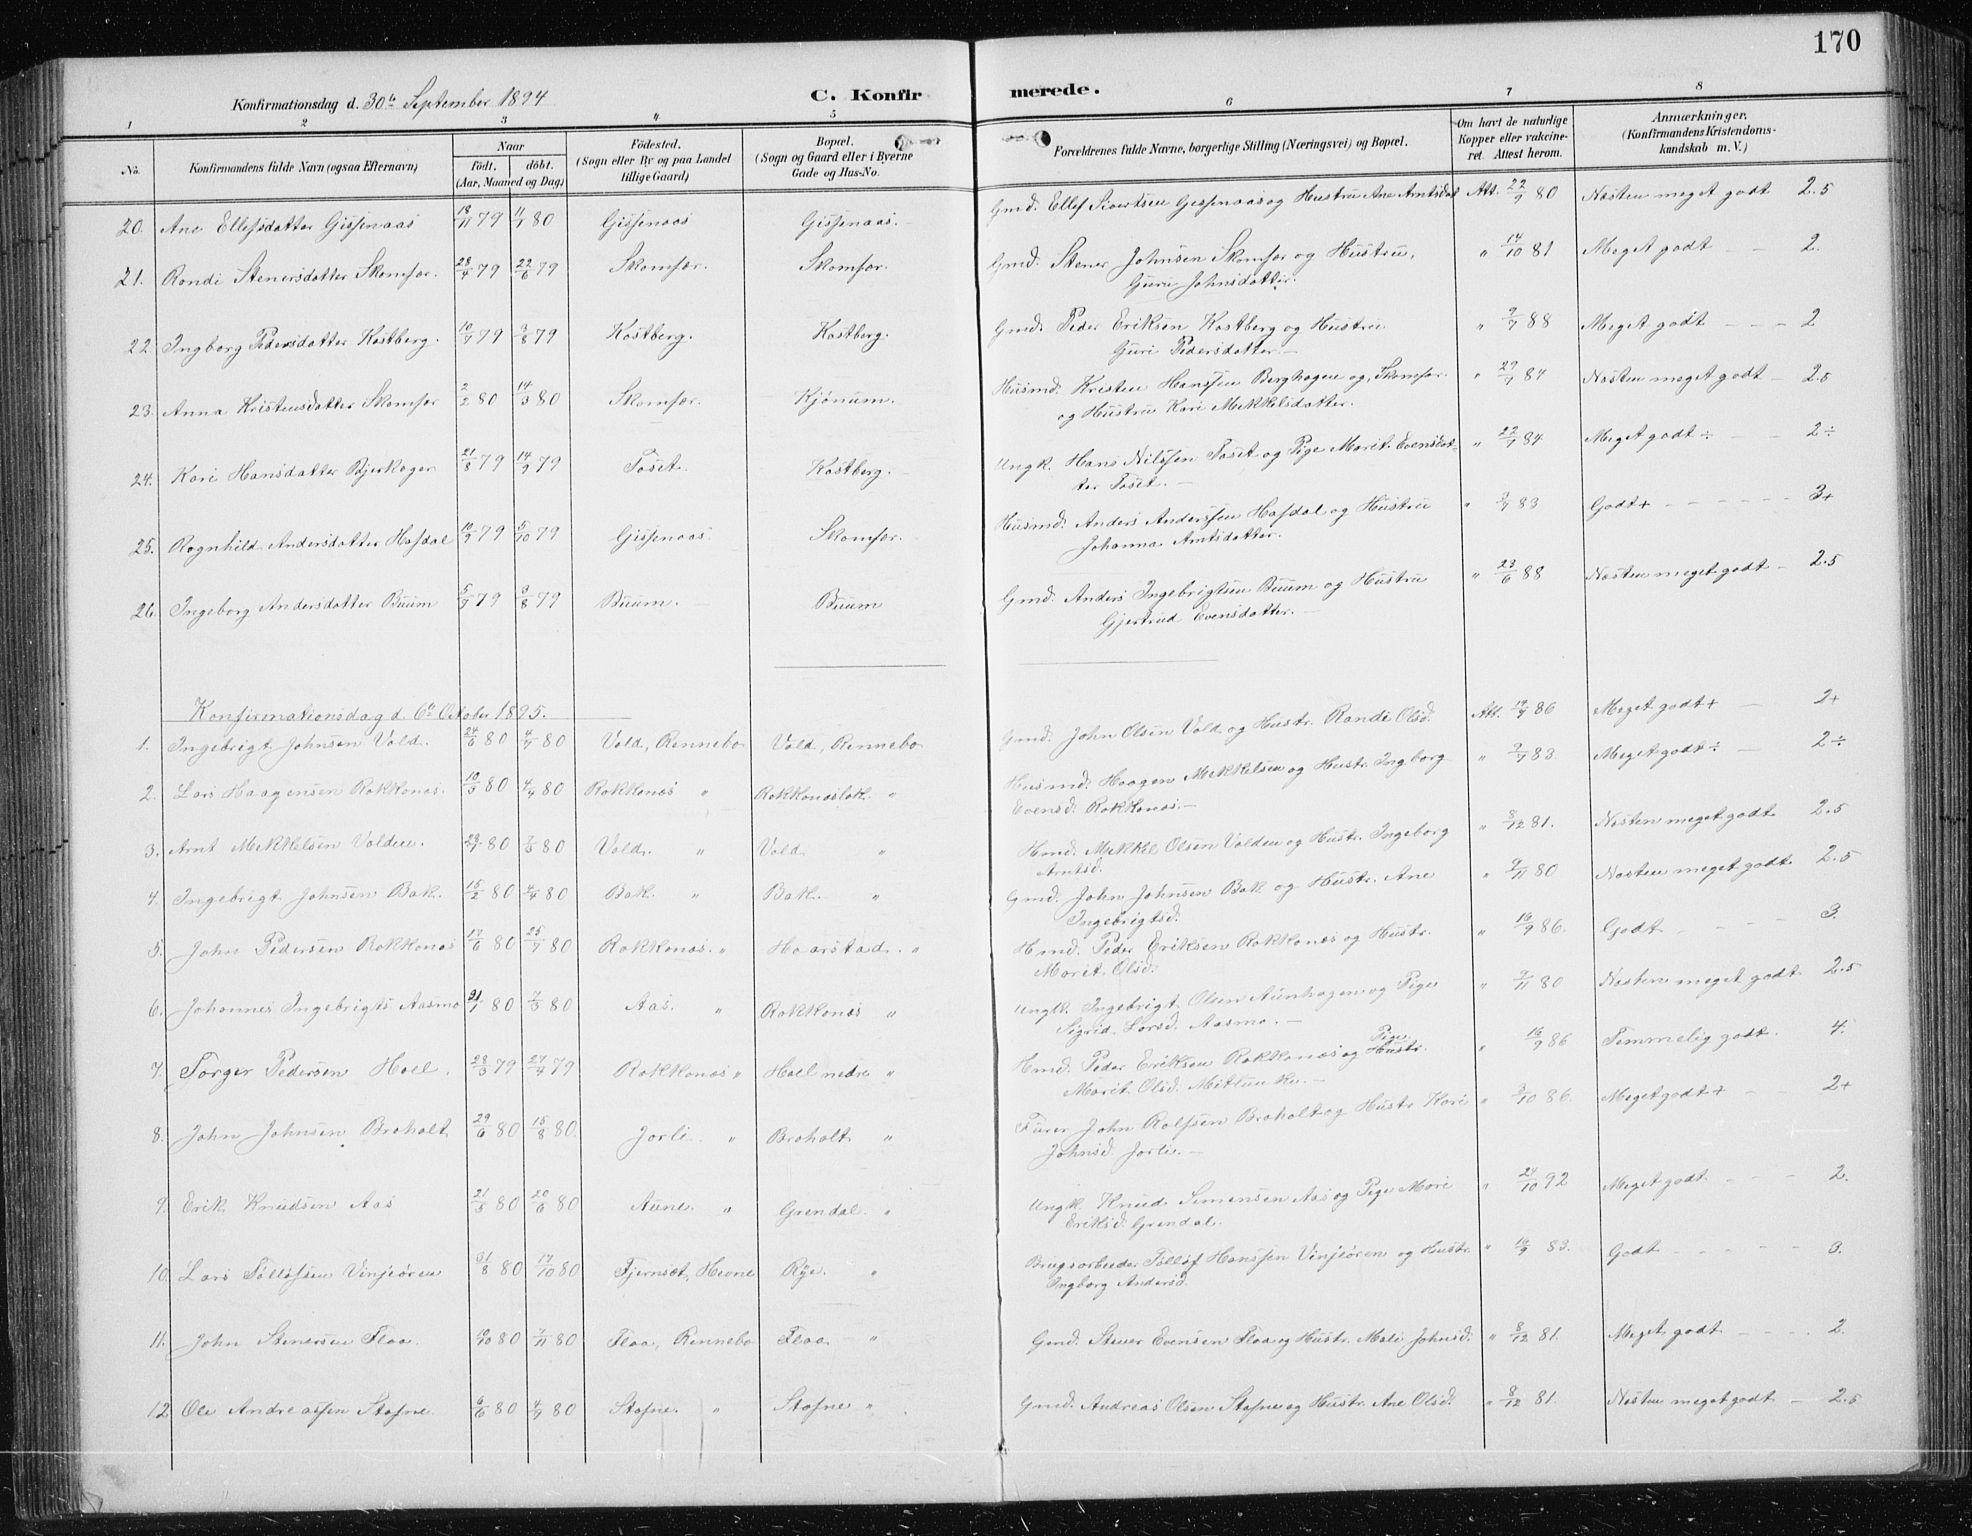 SAT, Ministerialprotokoller, klokkerbøker og fødselsregistre - Sør-Trøndelag, 674/L0876: Klokkerbok nr. 674C03, 1892-1912, s. 170